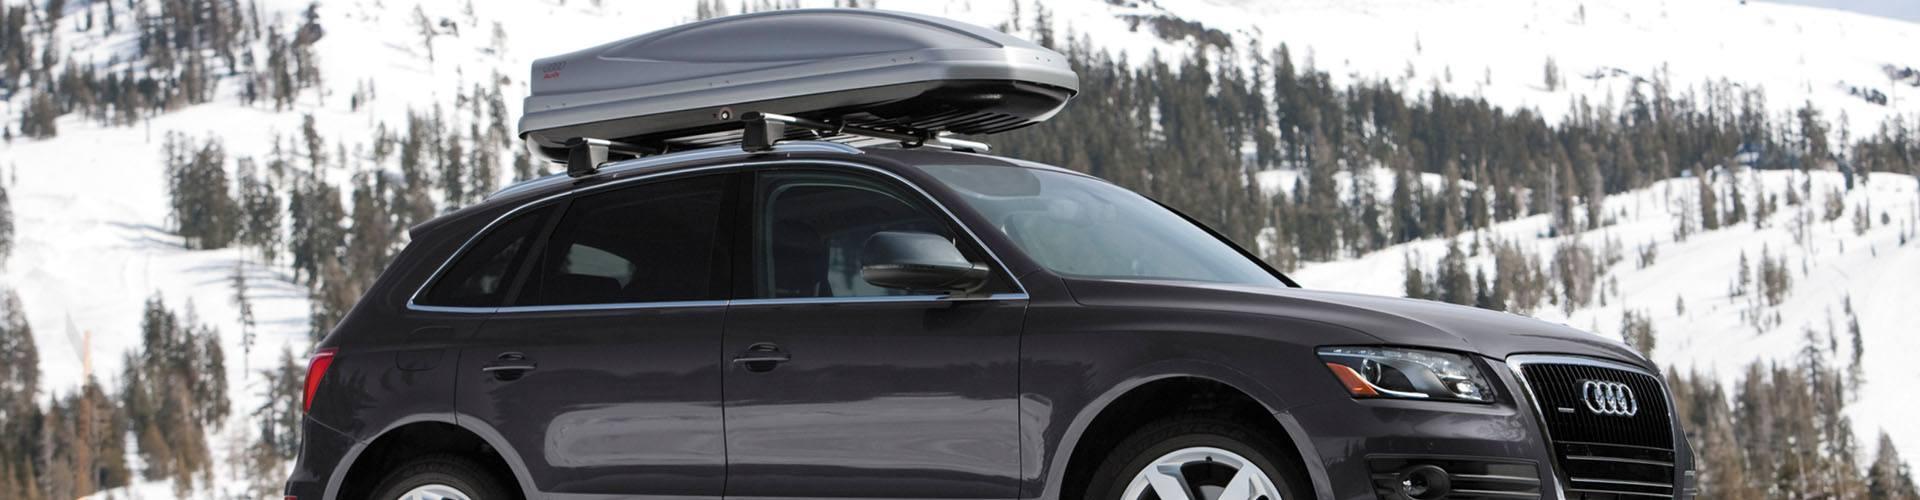 Sneeuwkettingen voor de Audi Q5